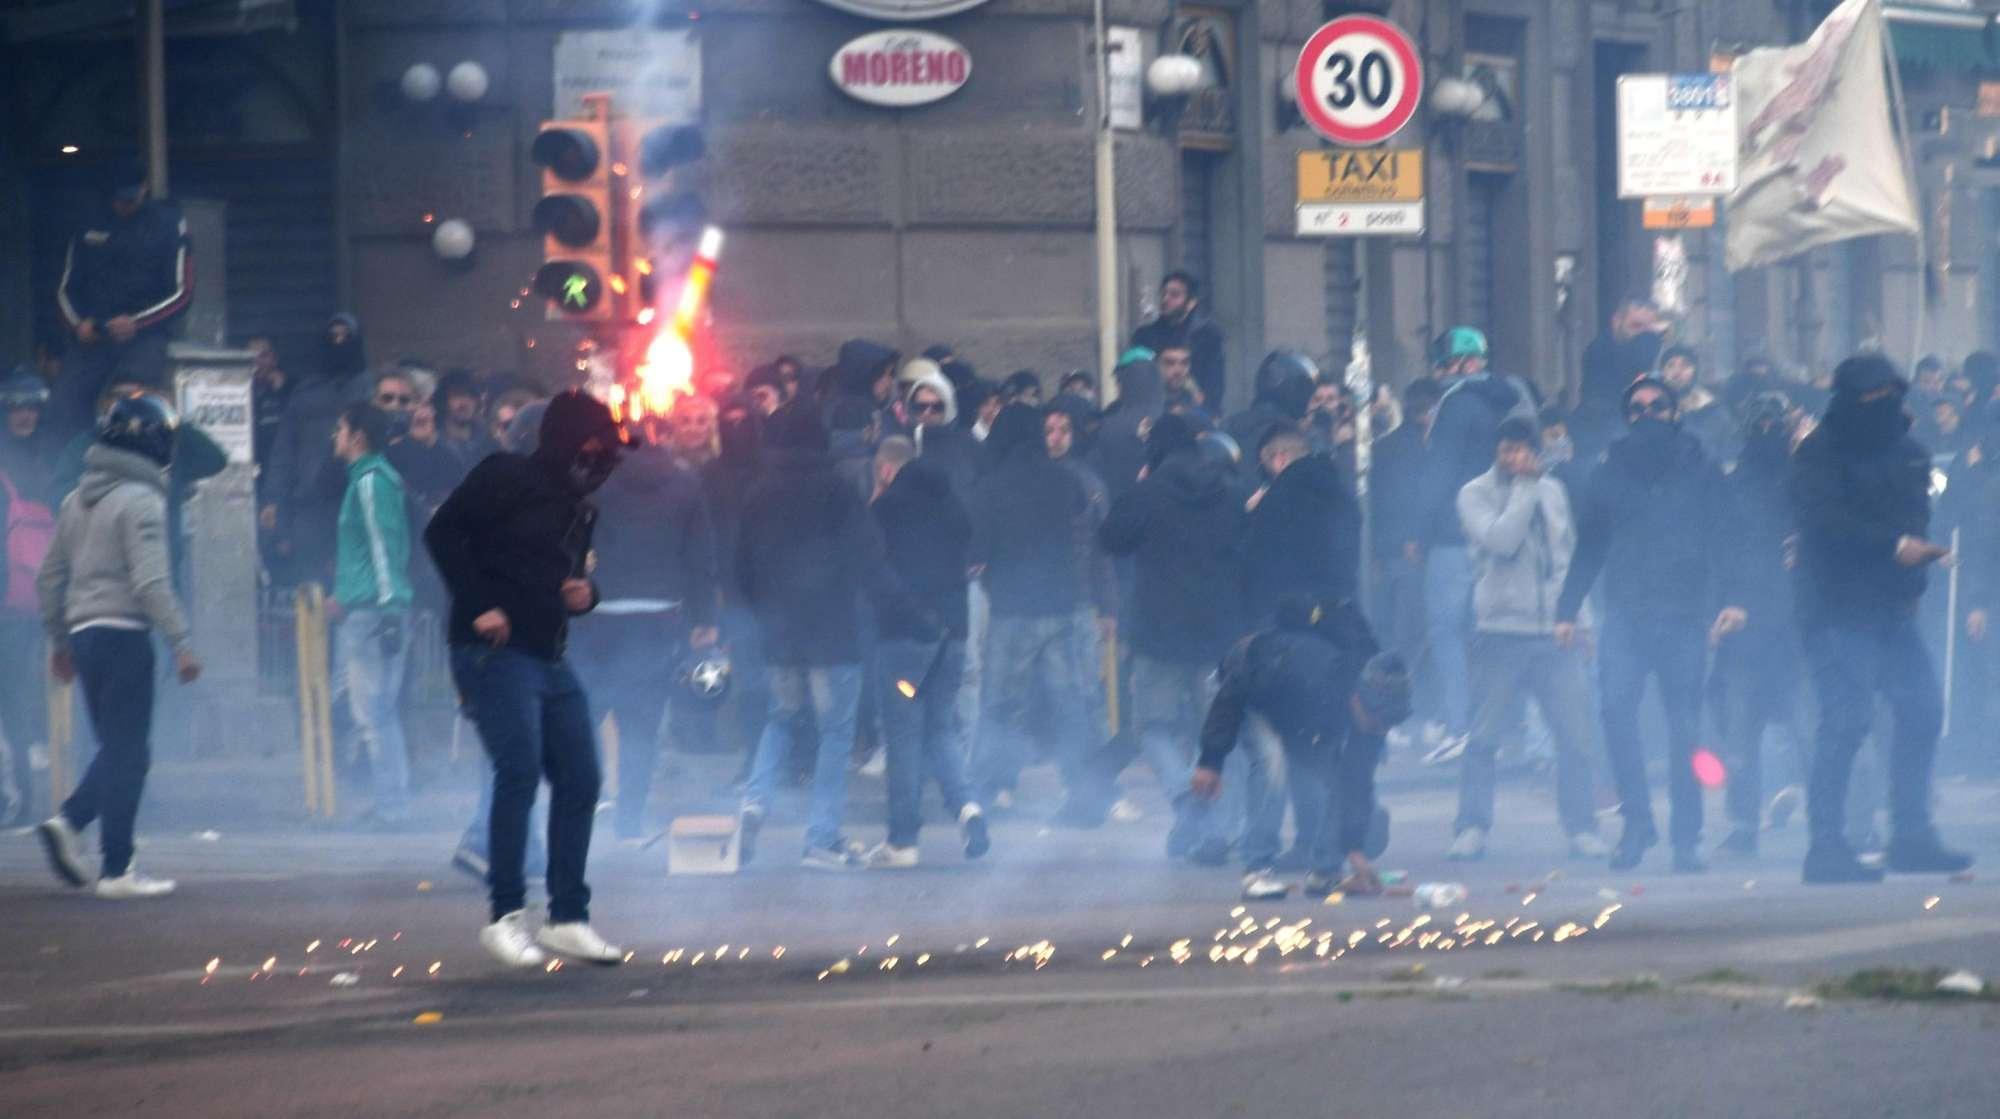 Scontri Napoli Salvini